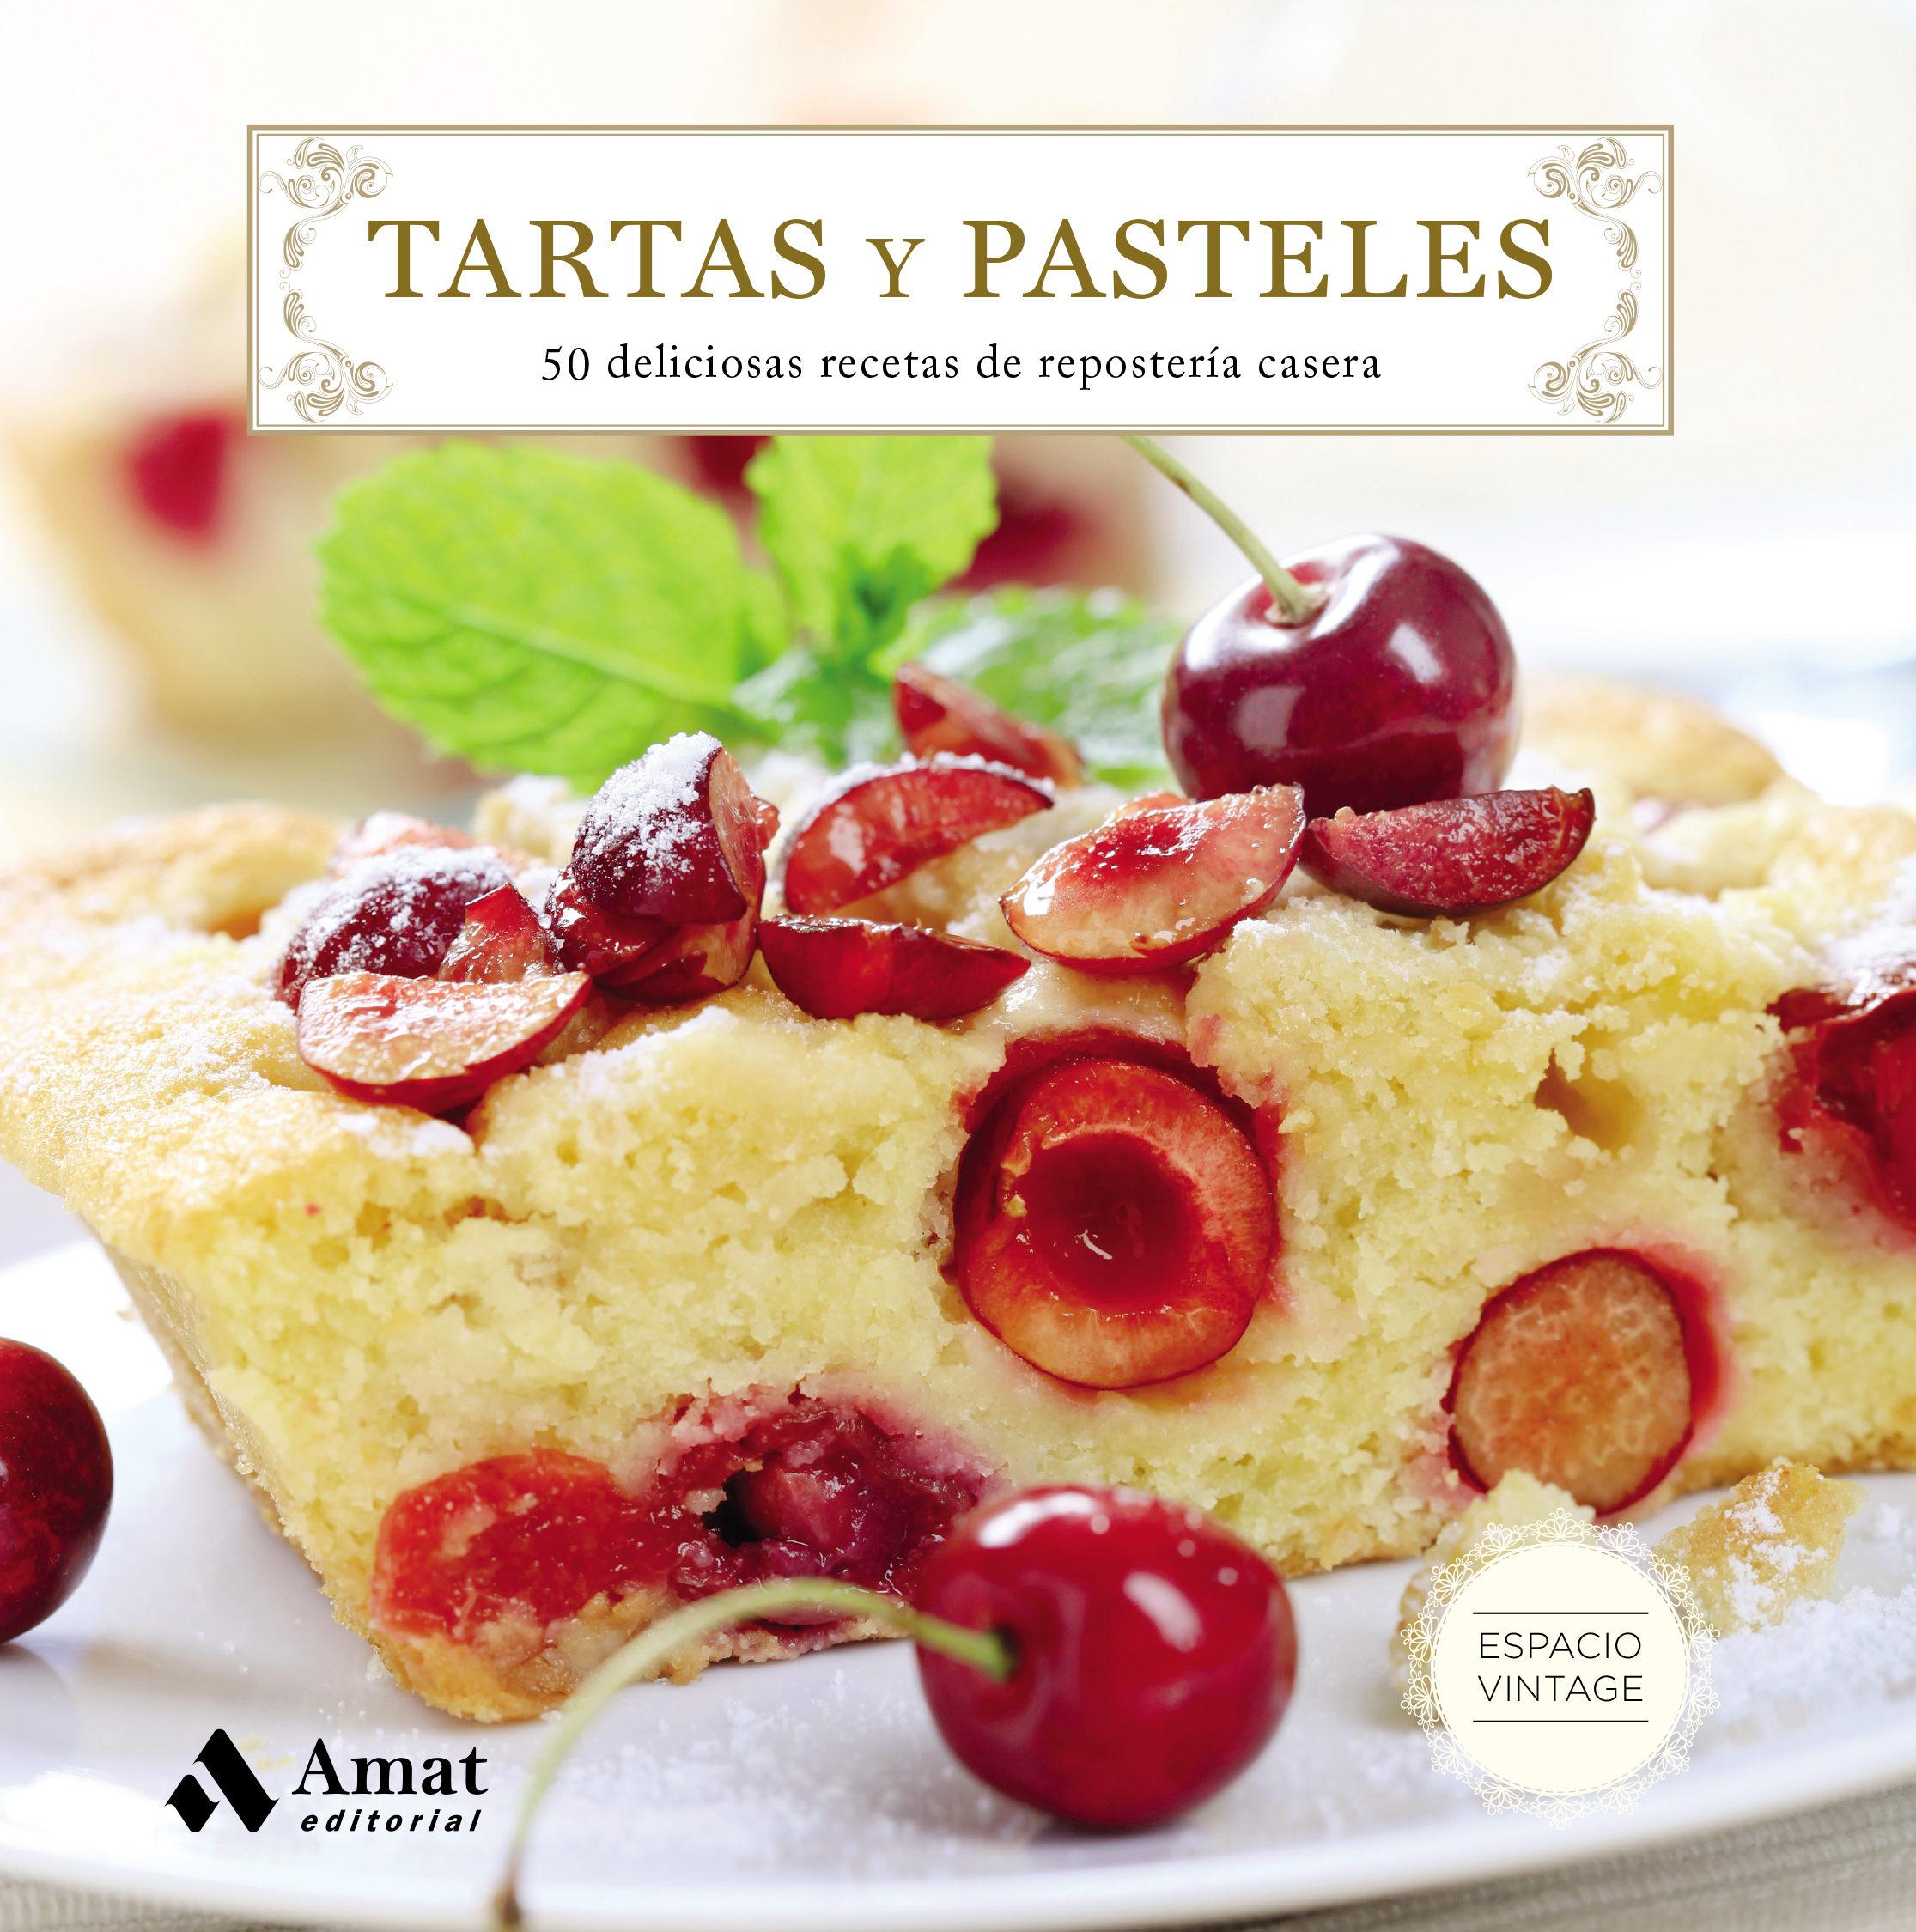 tartas y pasteles 50 deliciosas recetas de reposteria casera vv